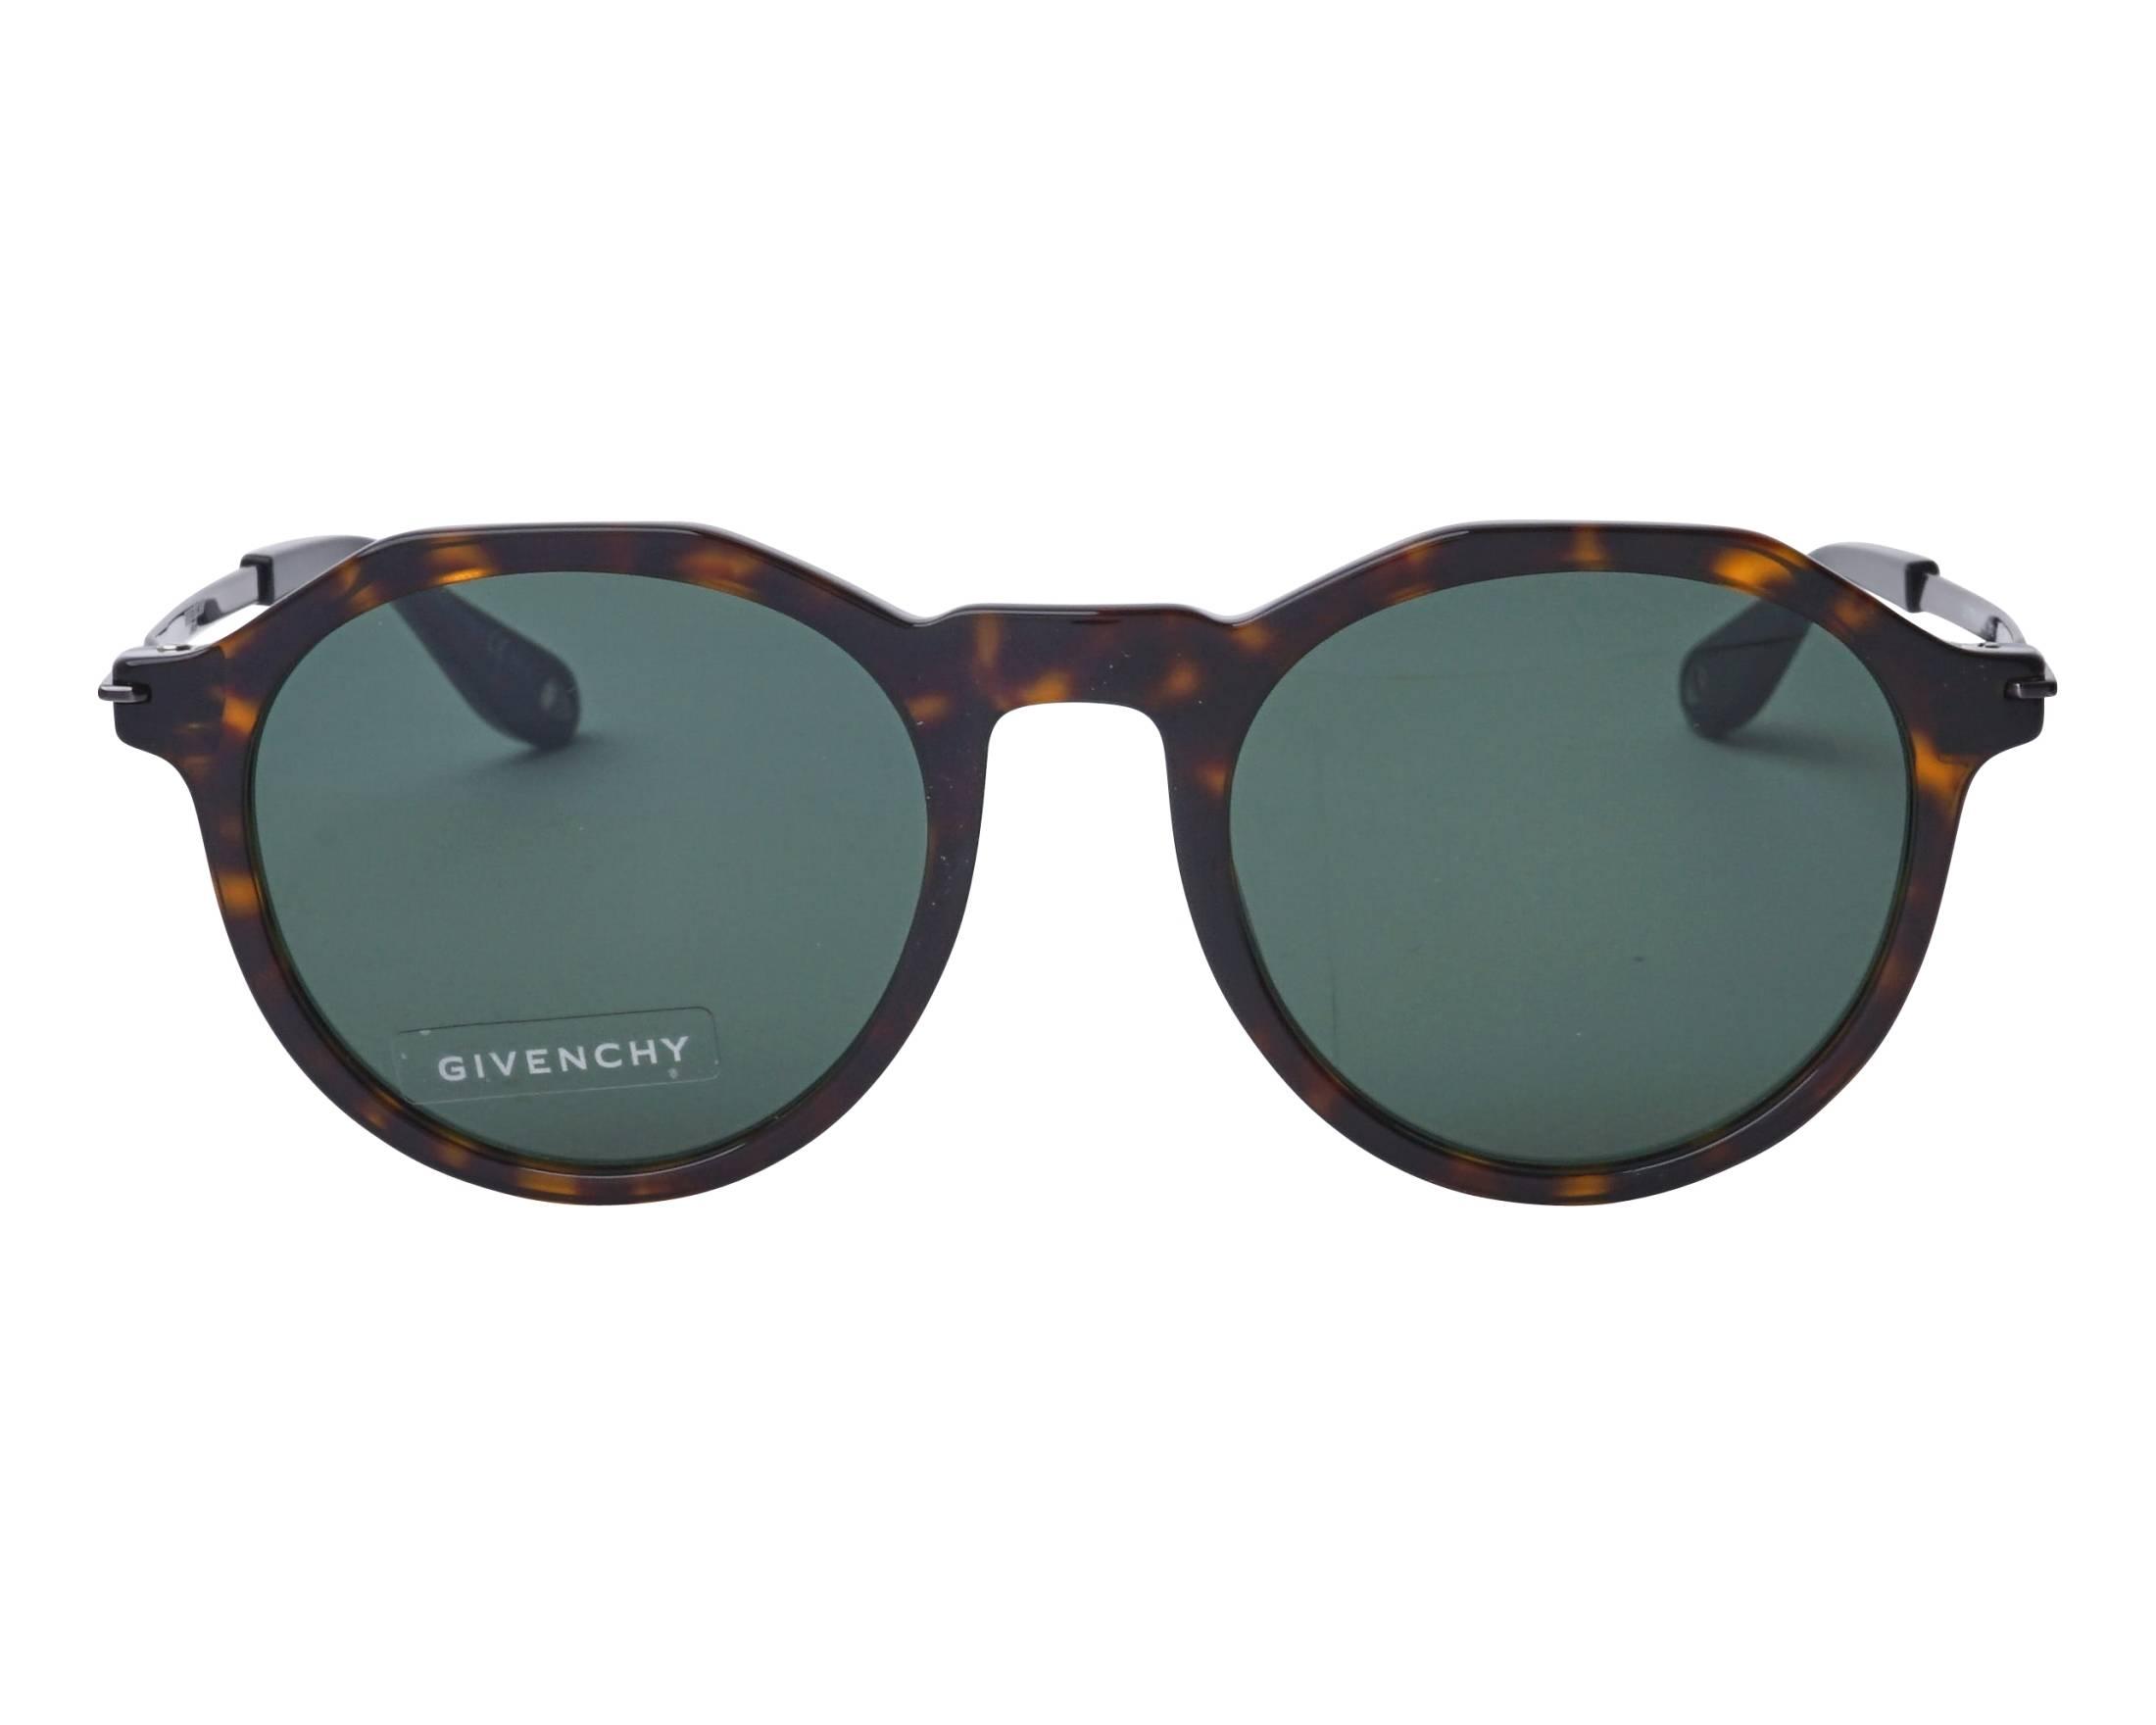 Givenchy HommesMarron 086qt 7091 s Lunettes soleil Gv de zMqUVGSp